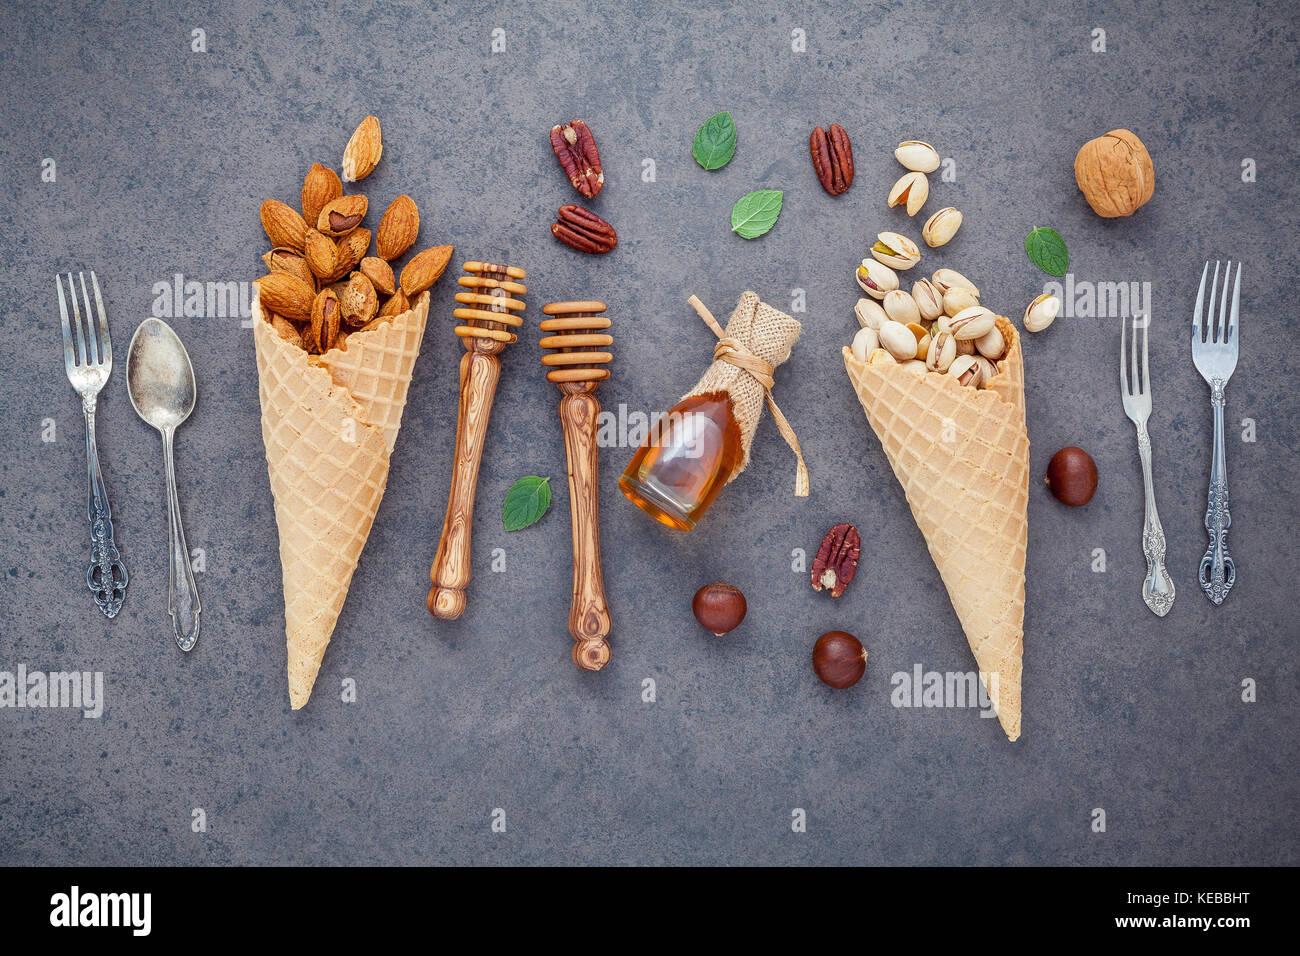 Konzept für hausgemachte verschiedene Nüsse Eis. gemischte Nüsse im Waffle Kegel, Metallgegenstände Stockbild